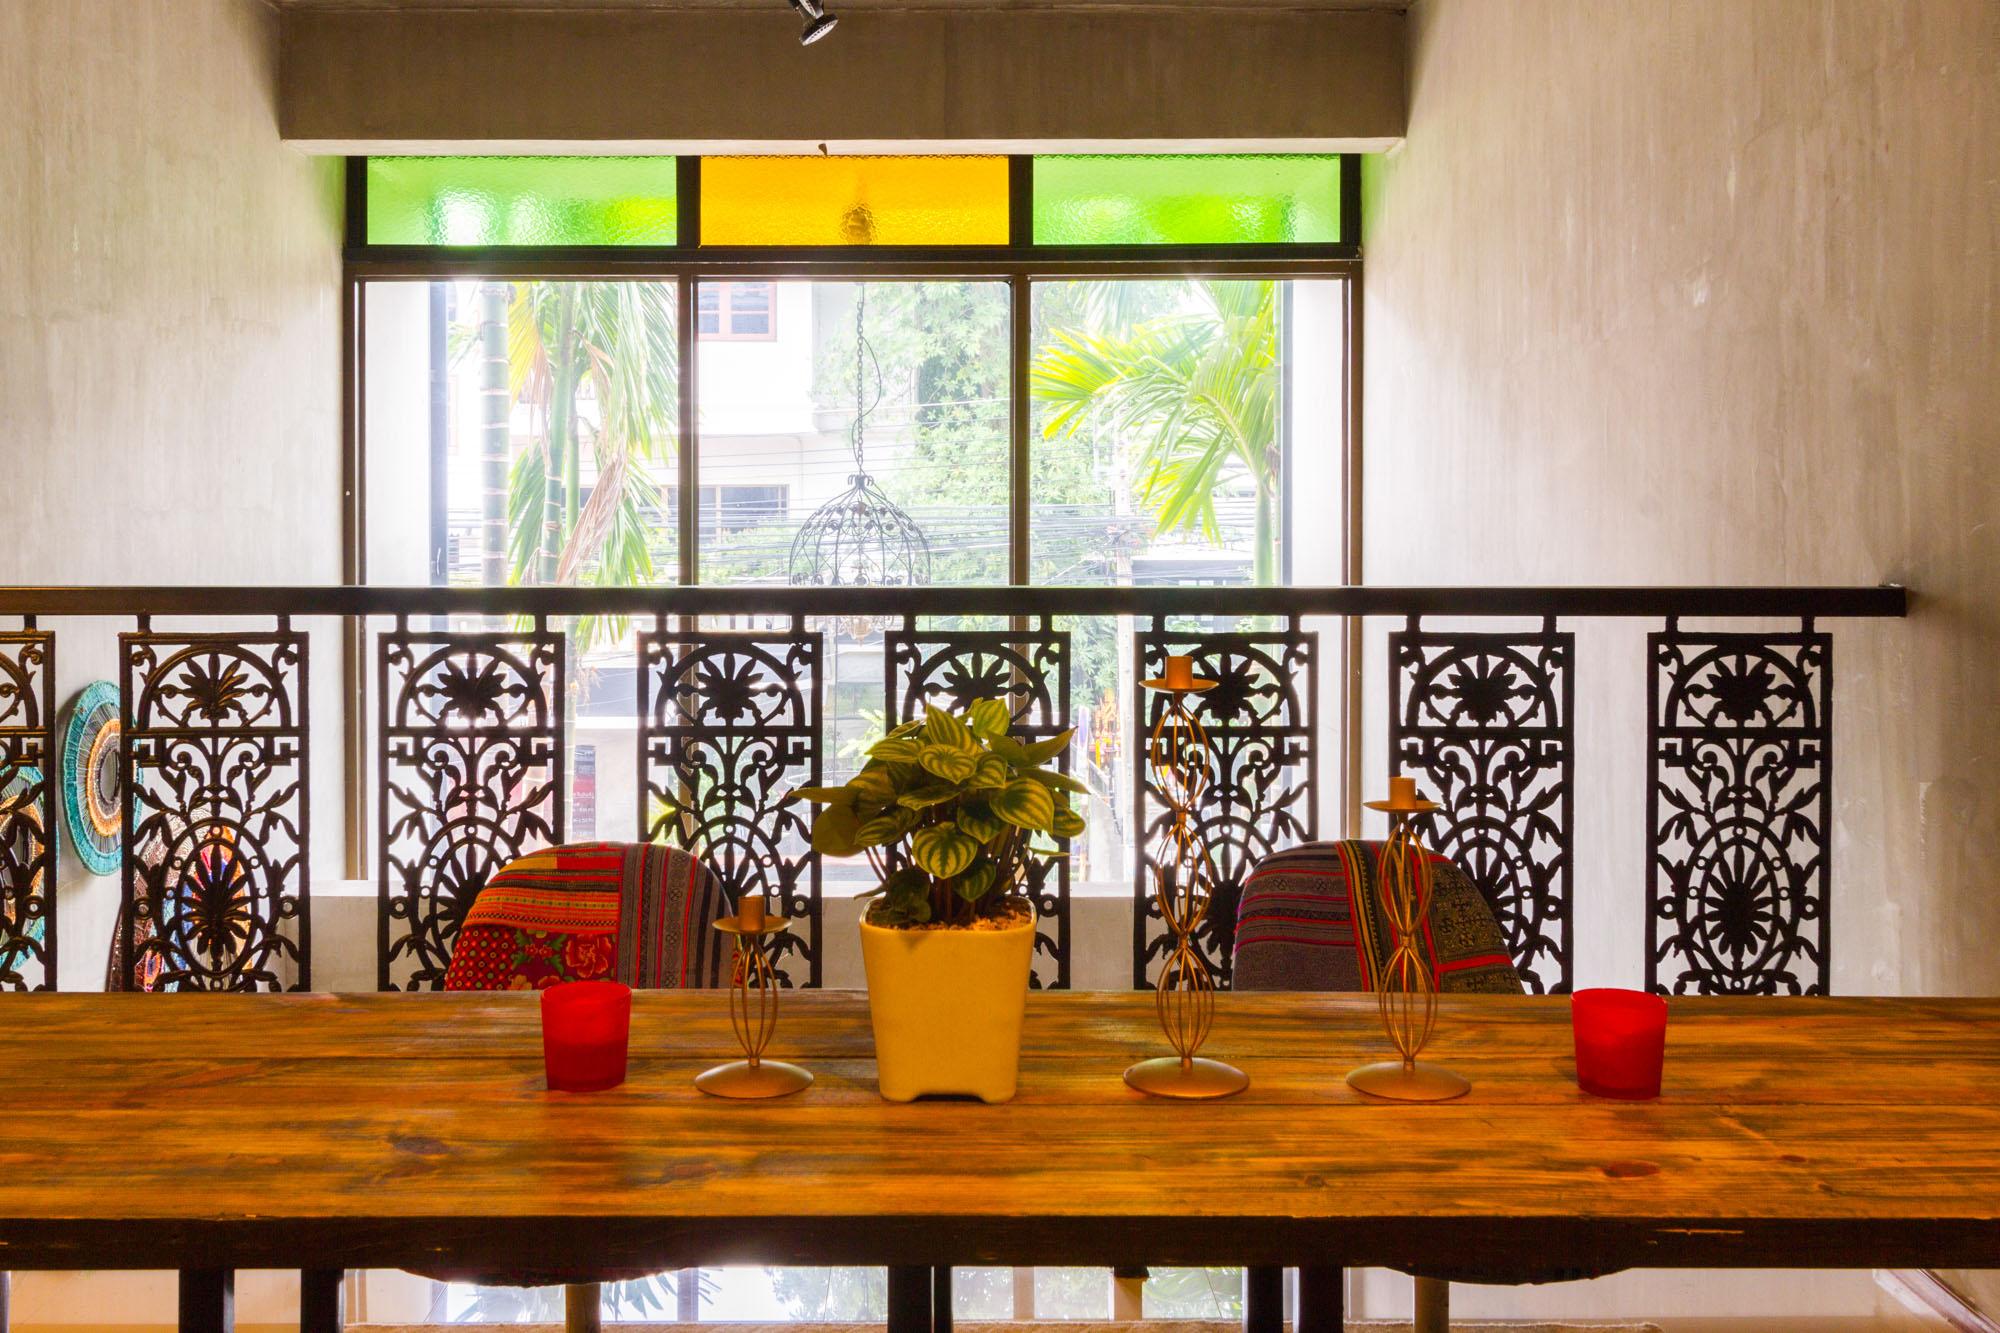 รีวิวรีสอร์ท ระดับลักชัวรี่ โรงแรมย่านนิมมาน เชียงใหม่  โรงแรมเชียงใหม่ ไชโย Chiangmai Chaiyo นิมมานเหมินท์ ซอย 5 IMG 9714